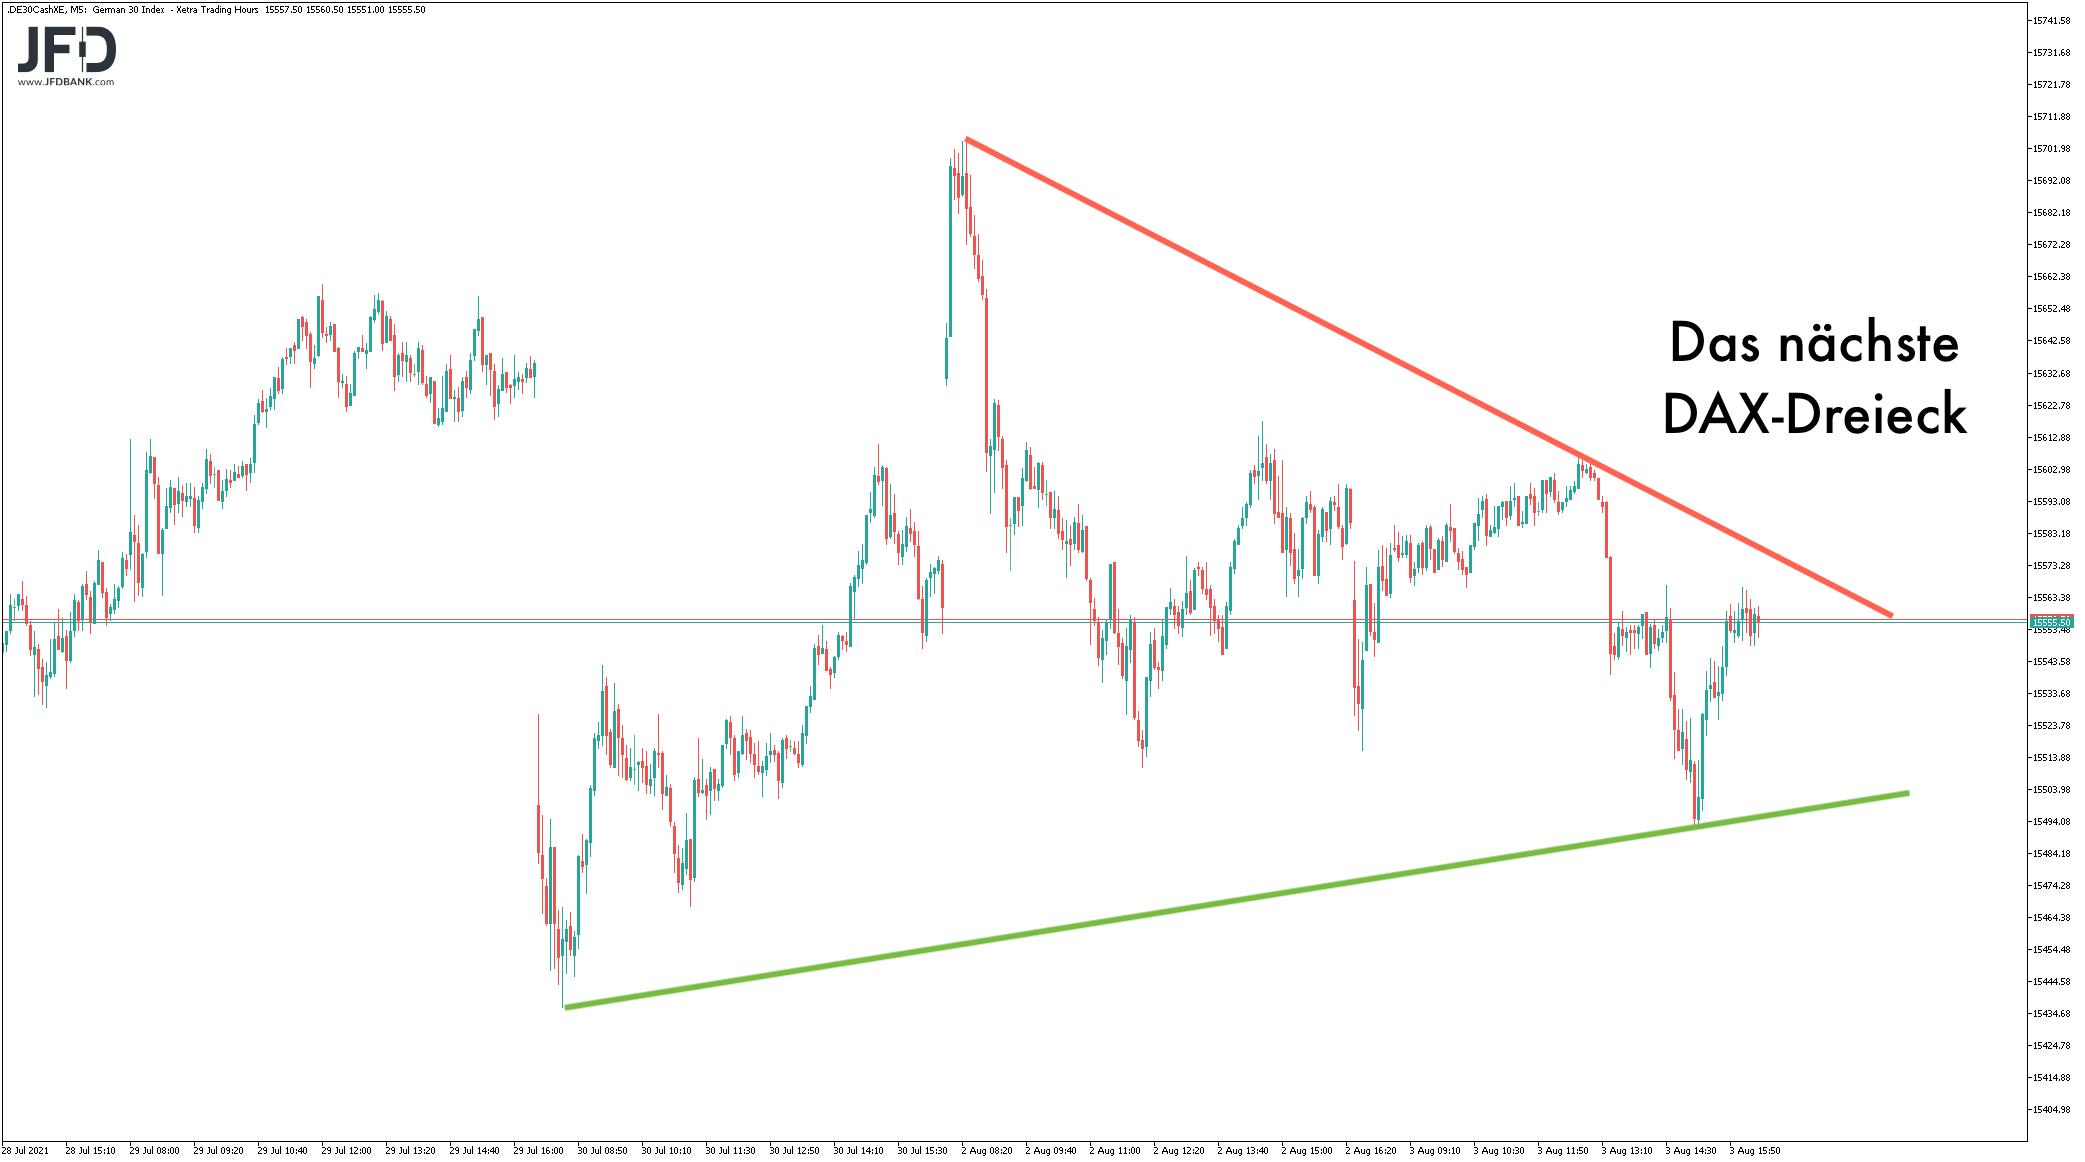 Dreieck im DAX-Handelsverlauf